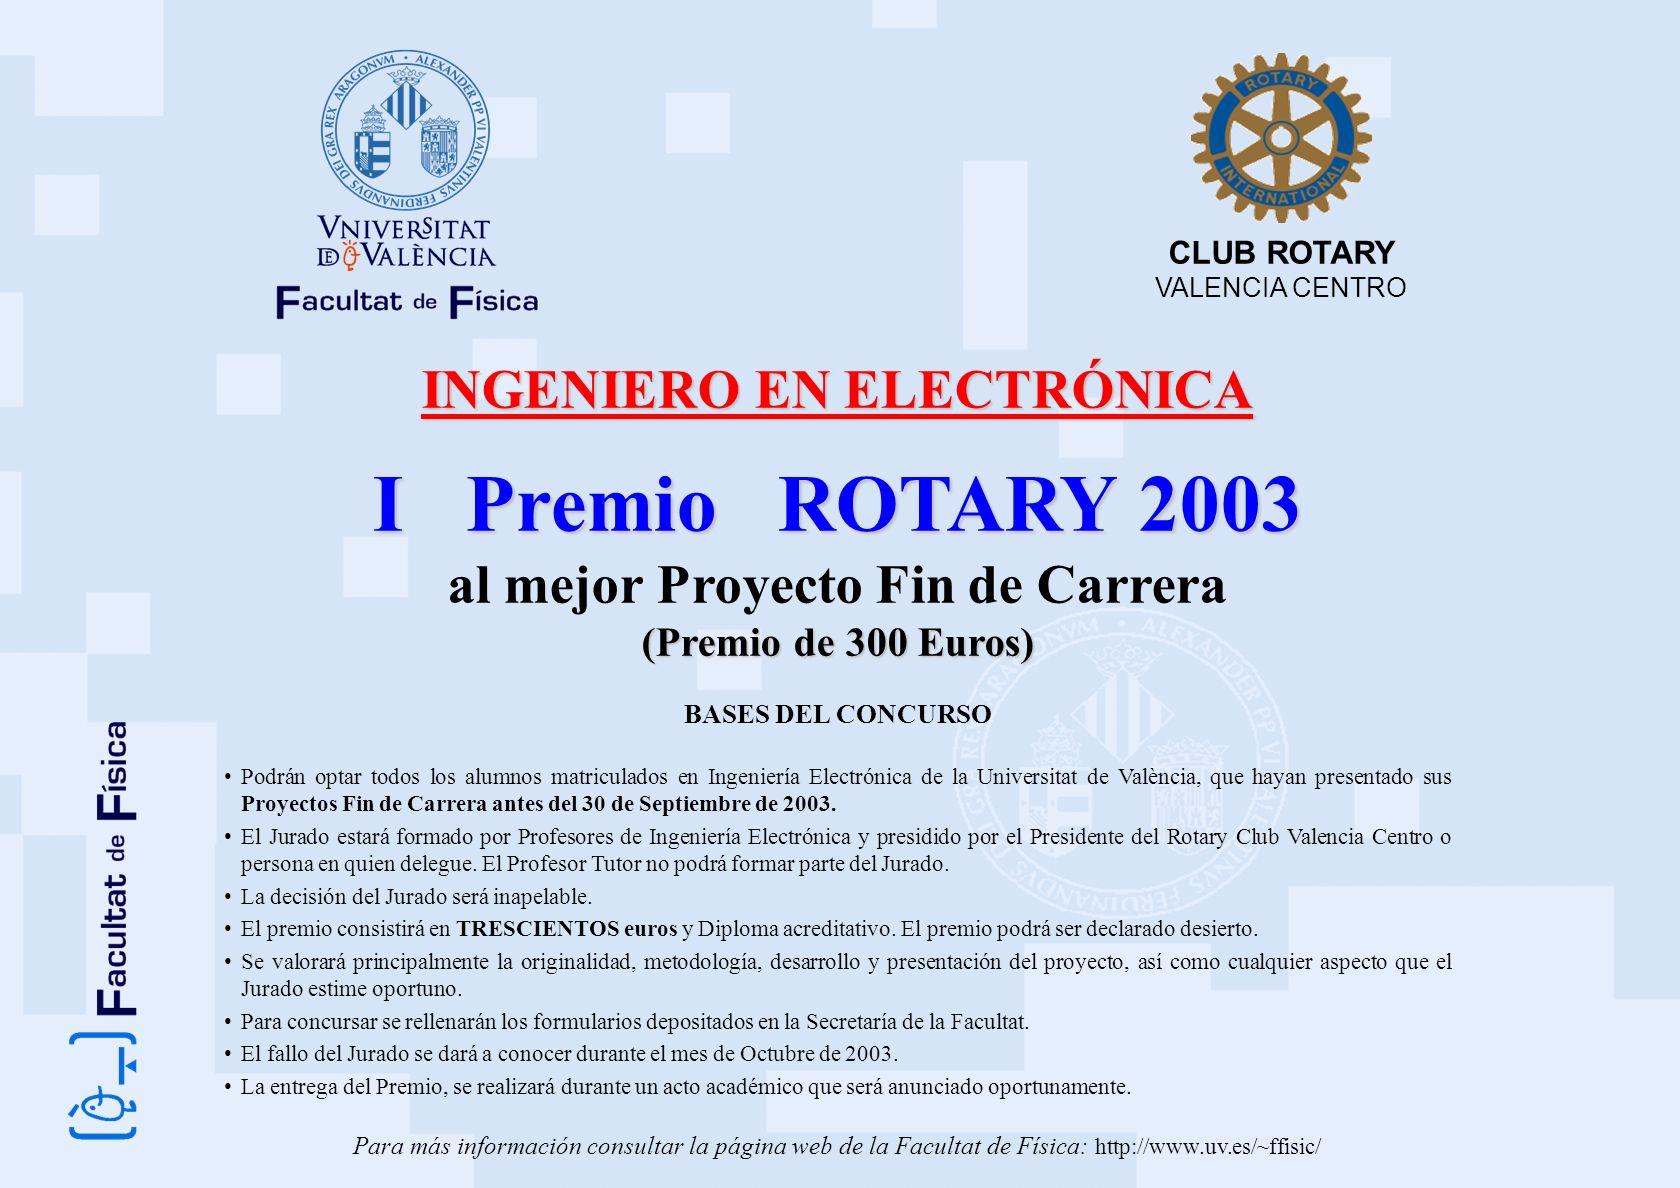 INGENIERO EN ELECTRÓNICA I Premio ROTARY 2003 al mejor Proyecto Fin de Carrera (Premio de 300 Euros) BASES DEL CONCURSO Podrán optar todos los alumnos